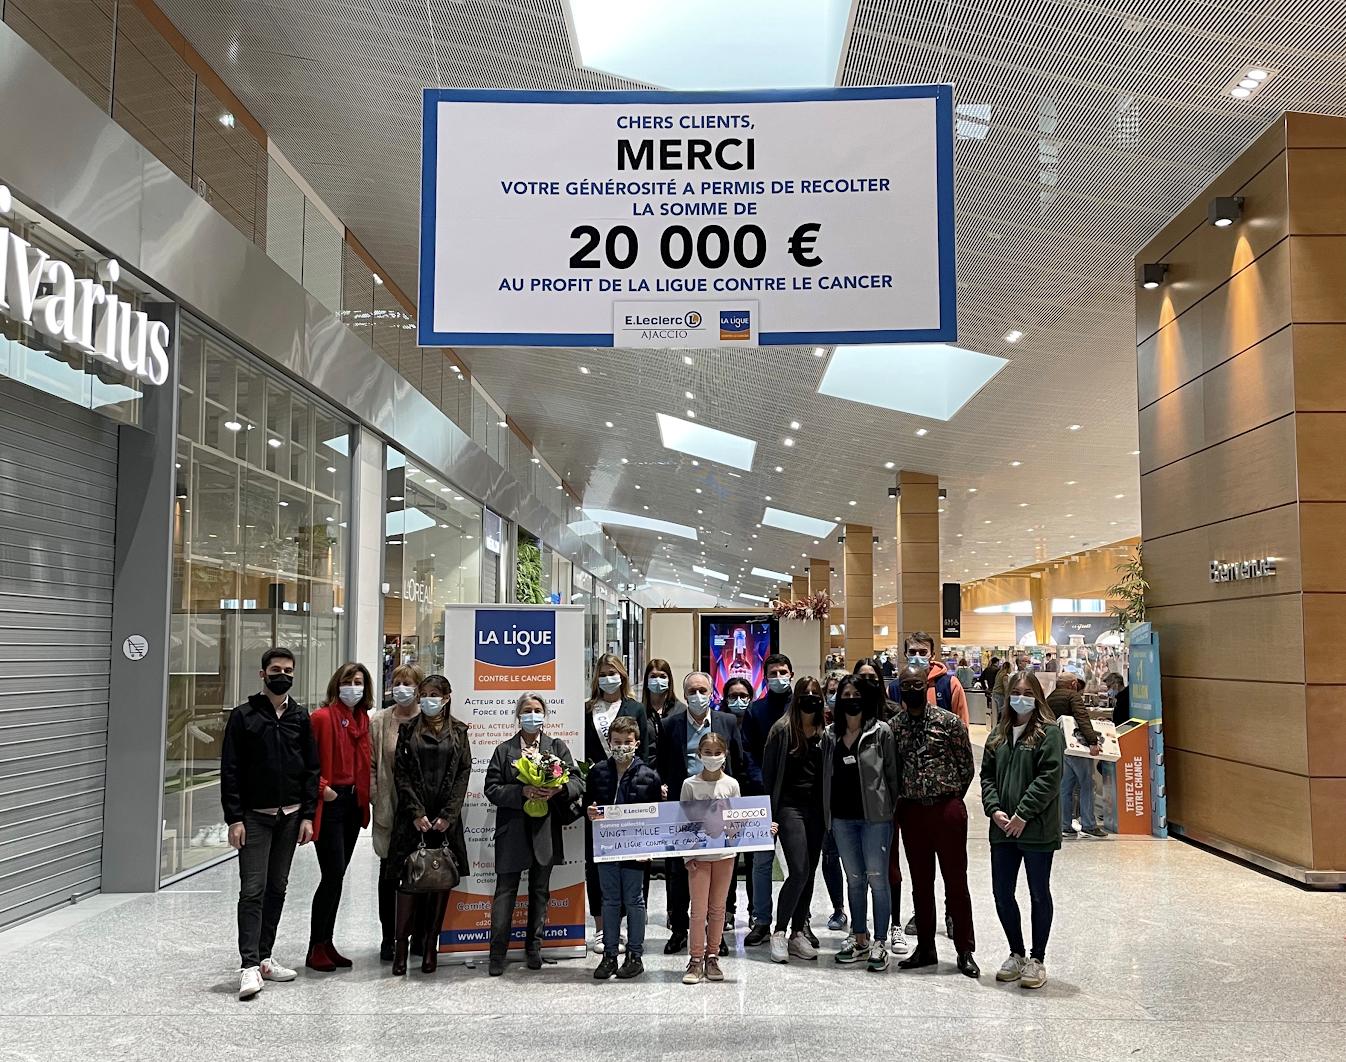 Etablissements E. Leclerc d'Ajaccio : 20 000 € au profit de la Ligue contre le cancer